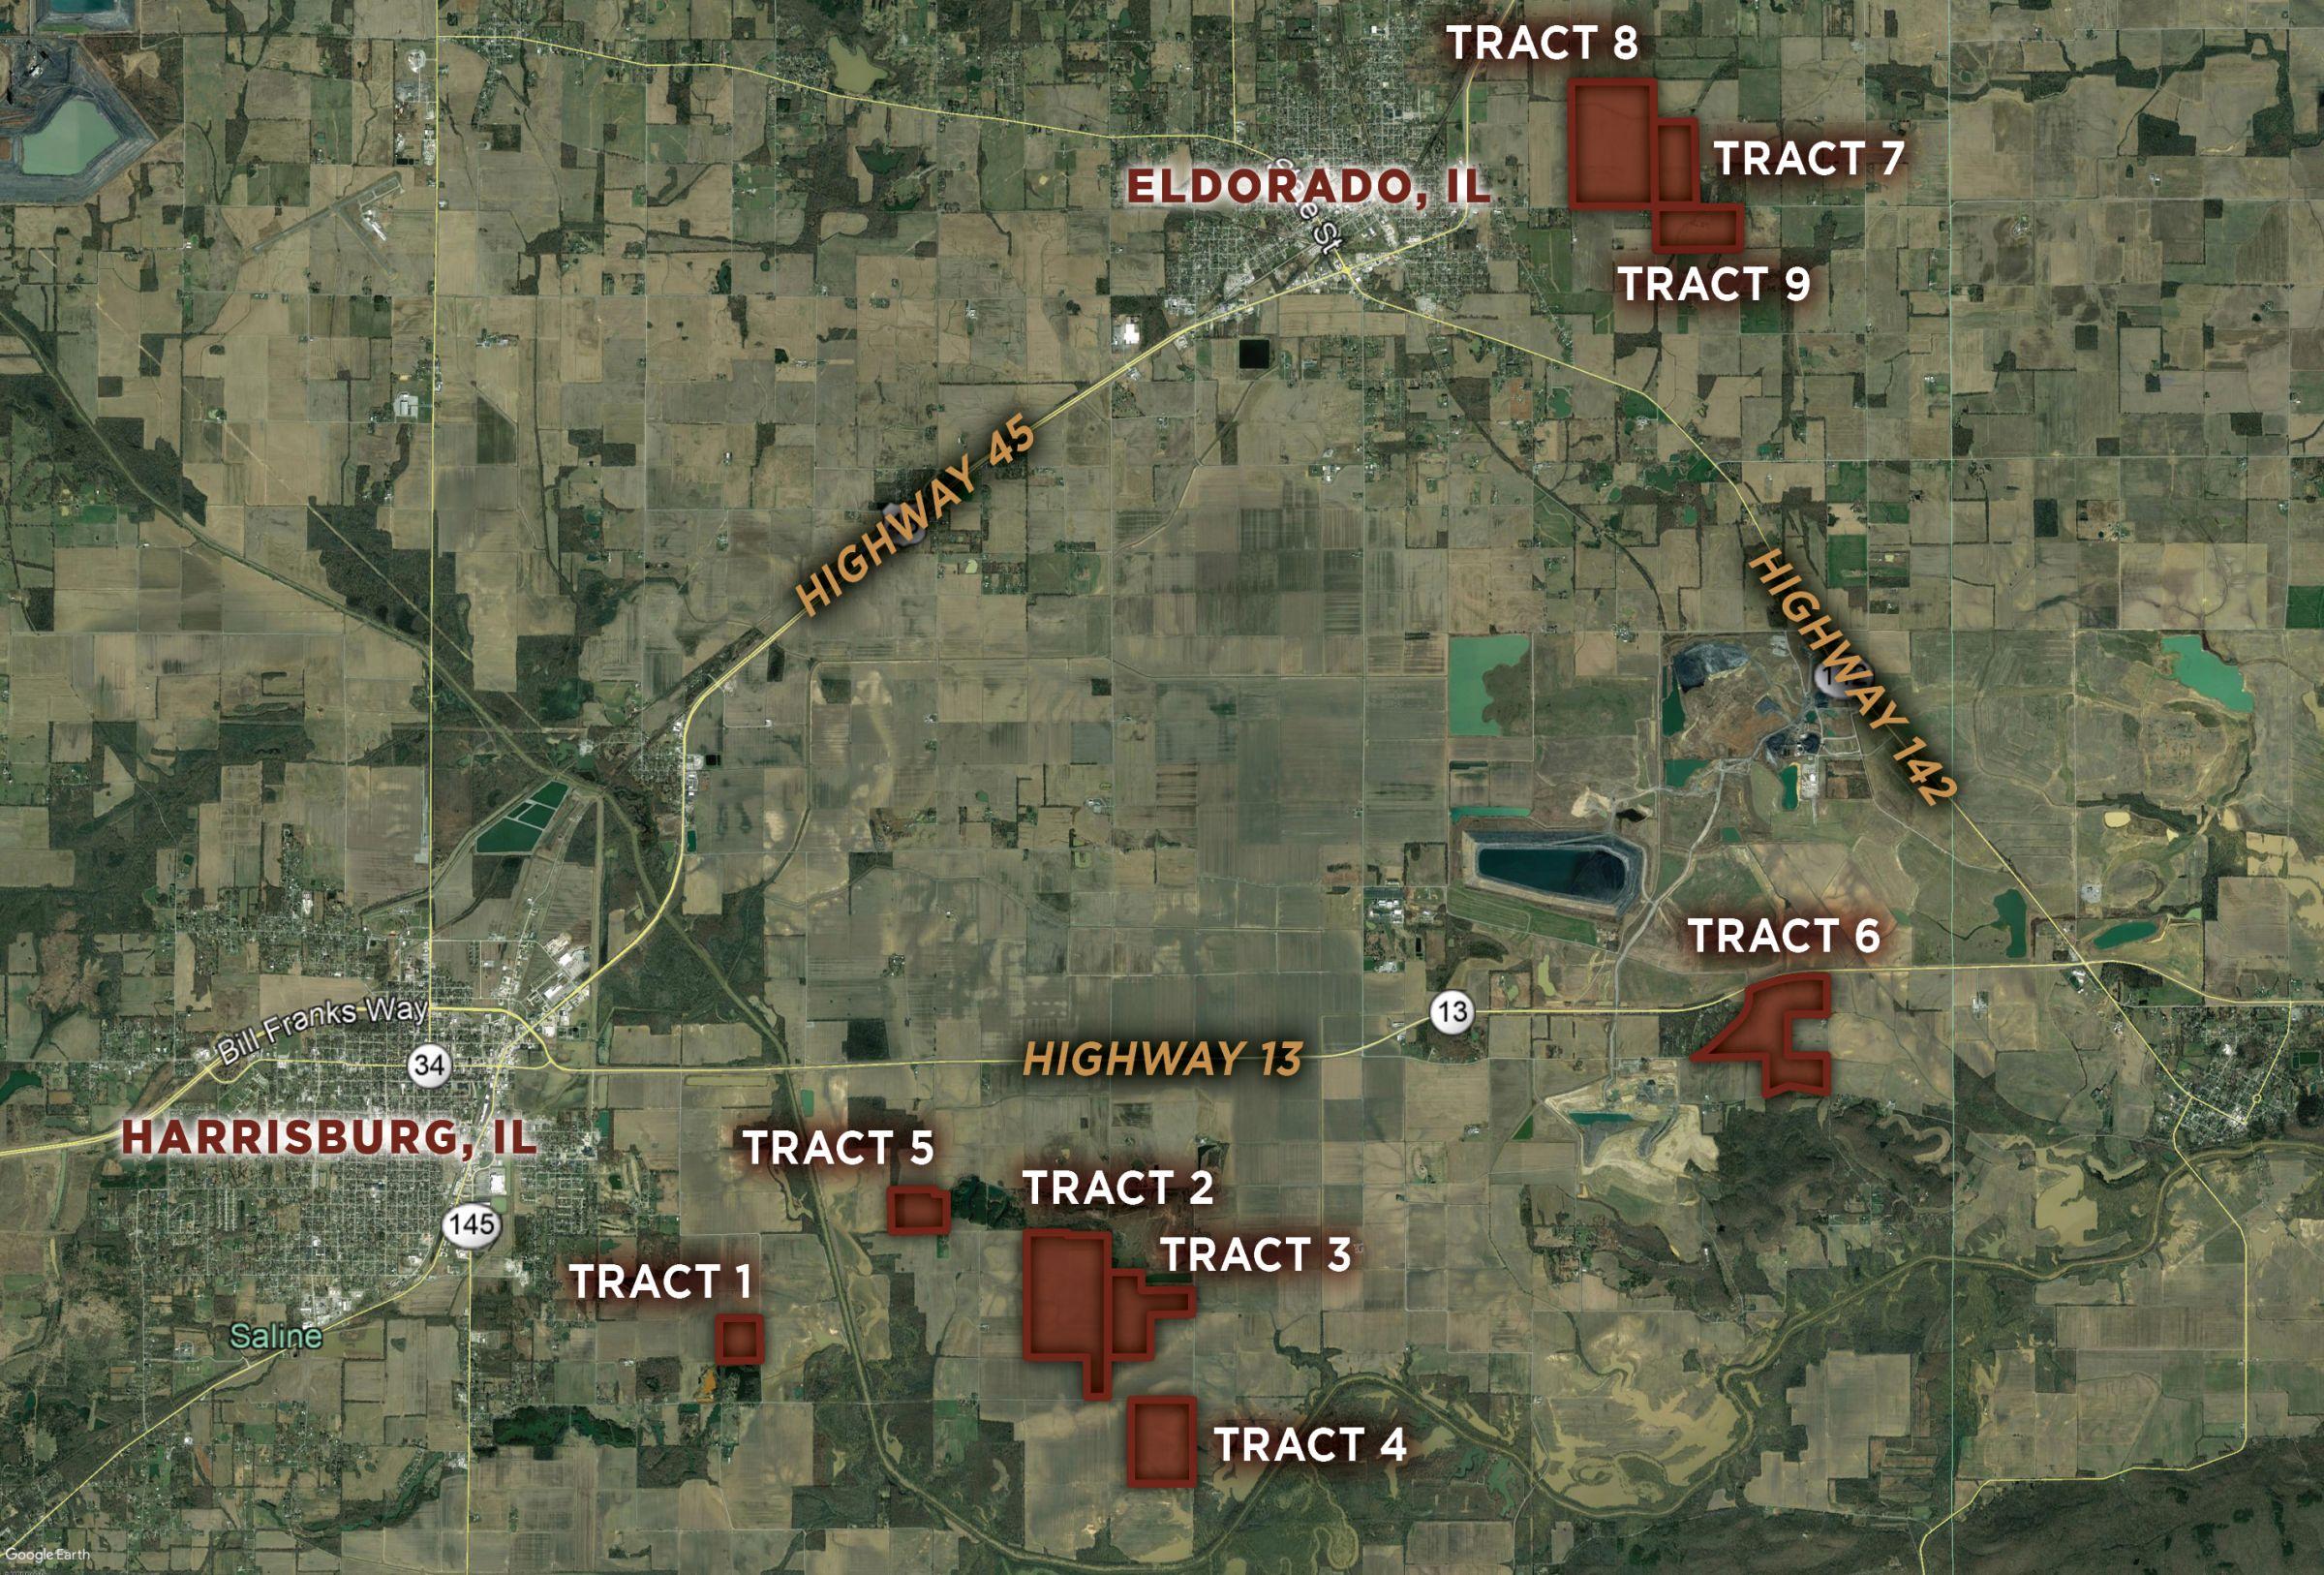 3-highway-13-harrisburg-62946-0-2020-10-15-152930.jpg